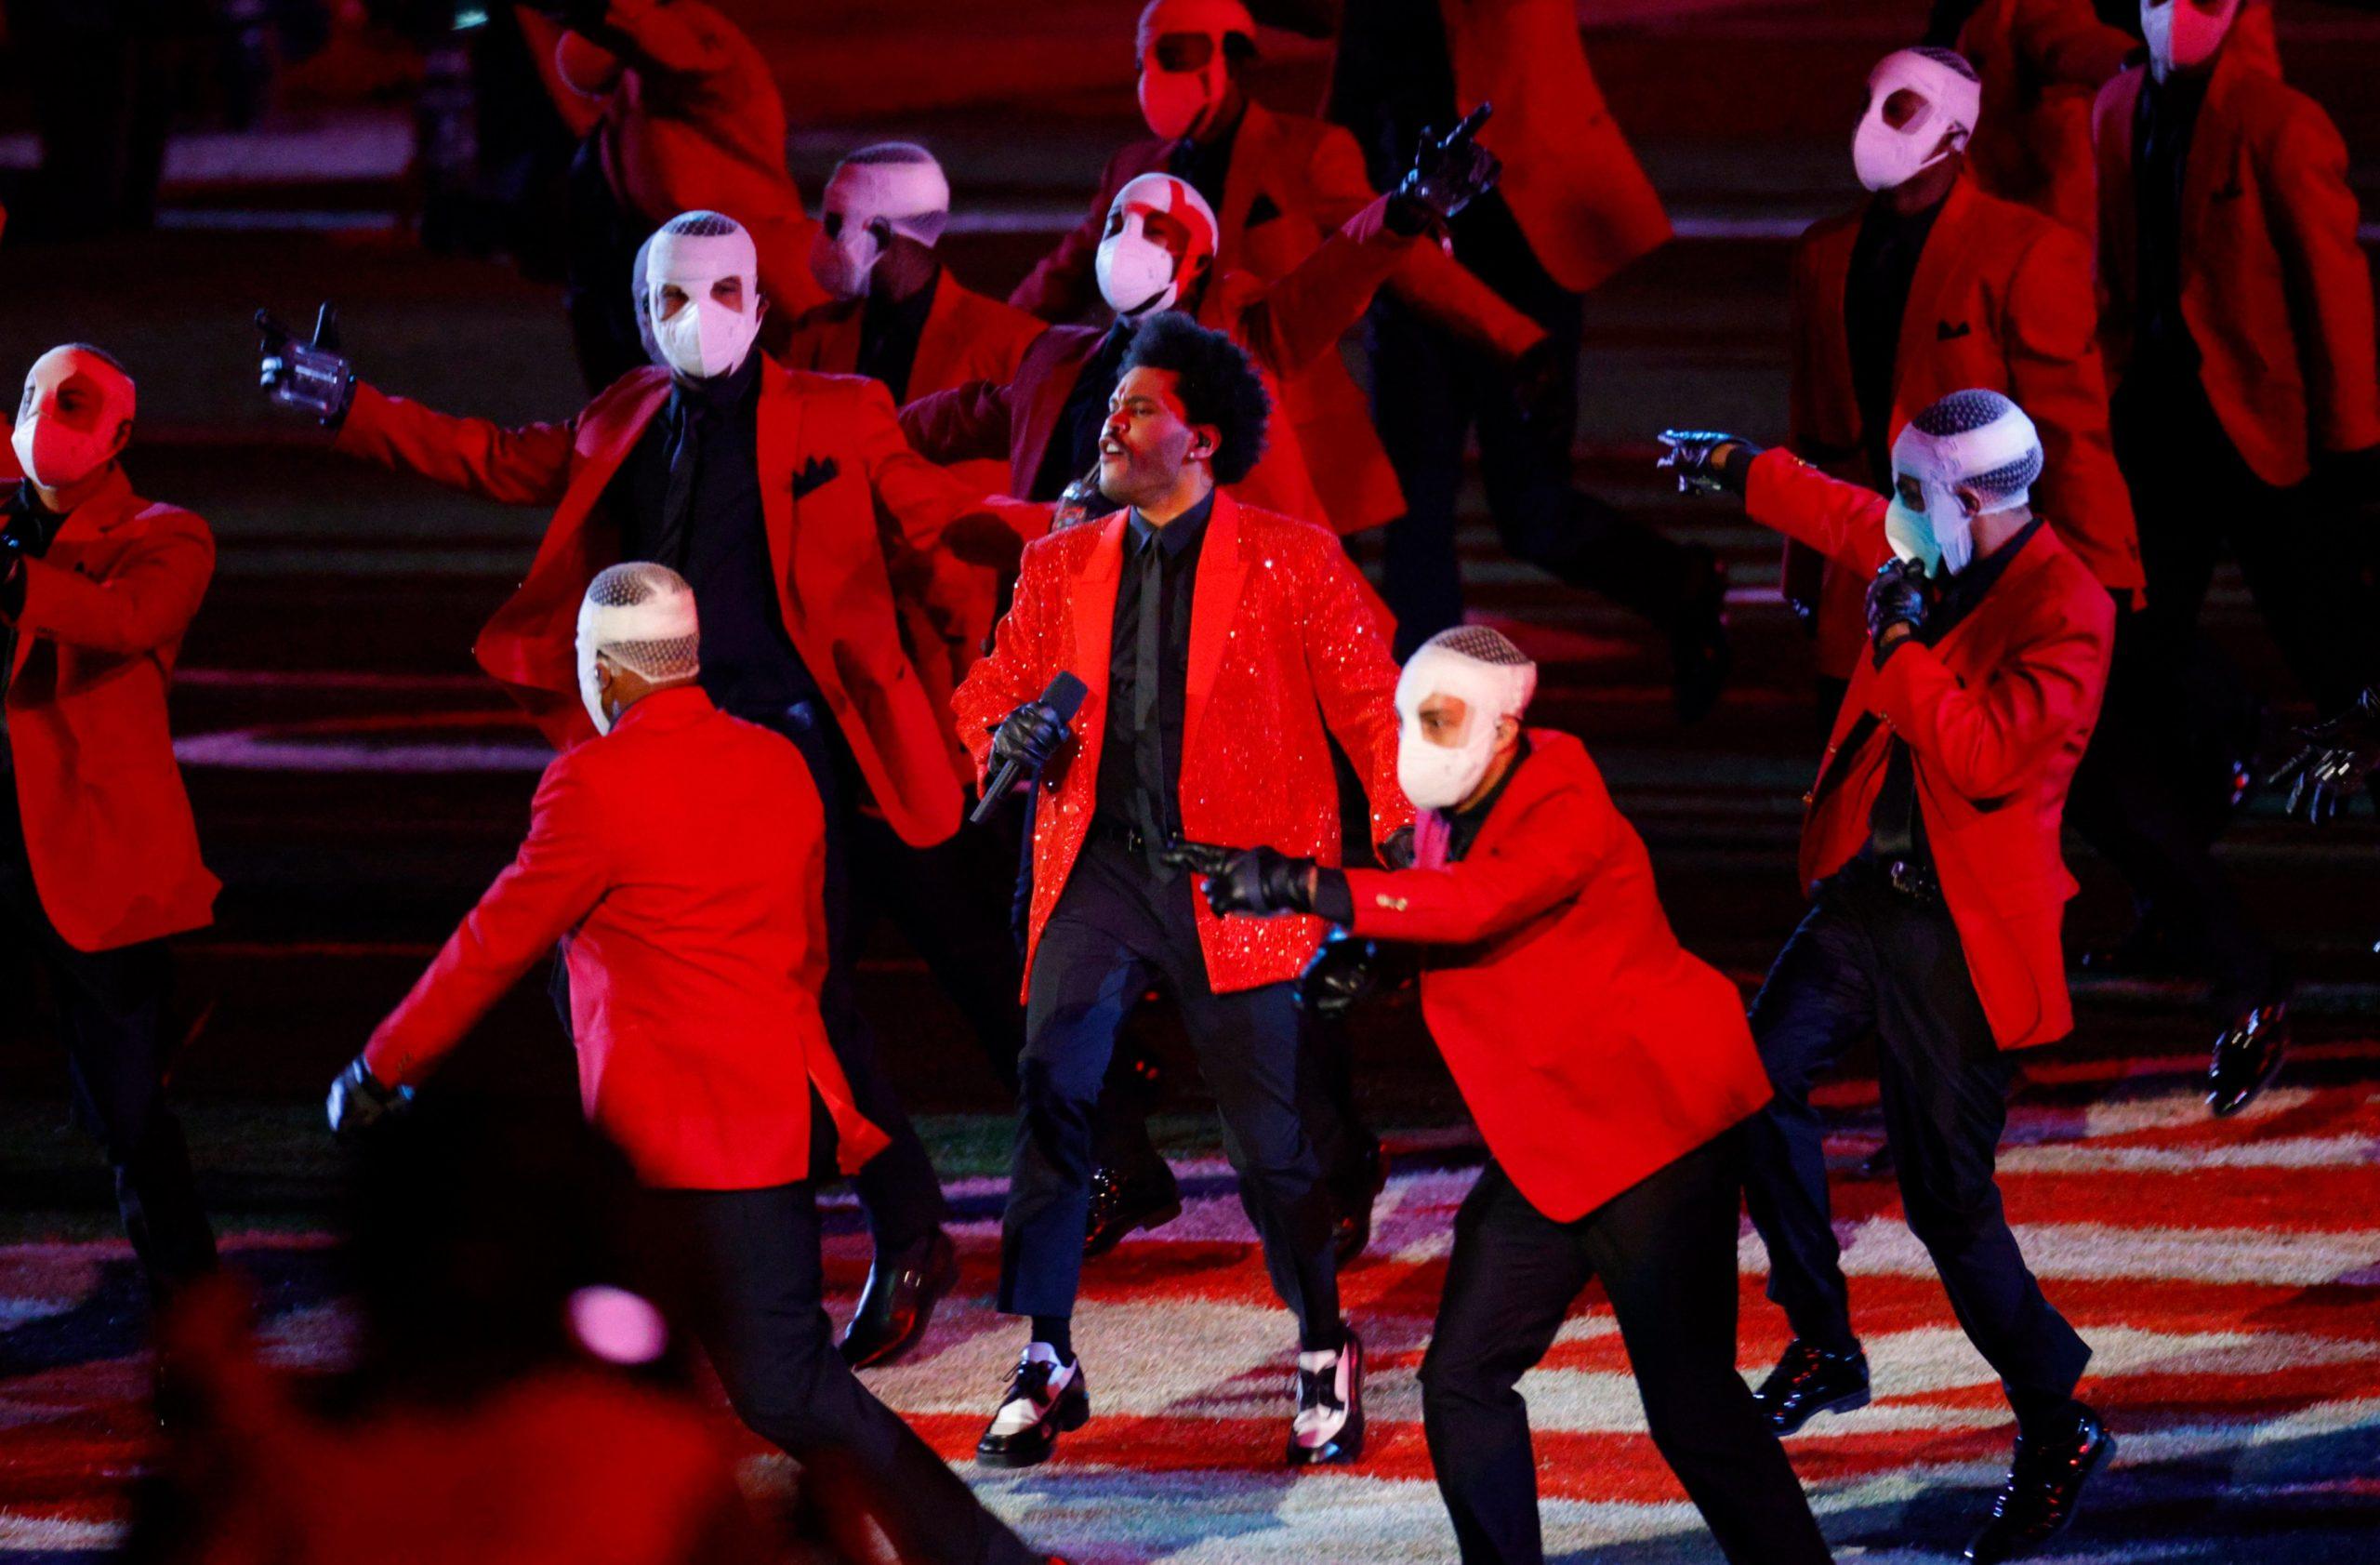 [VIDEO] Le chanteur The Weeknd enflamme le Super Bowl 2021 avec une performance mémorable ! 1